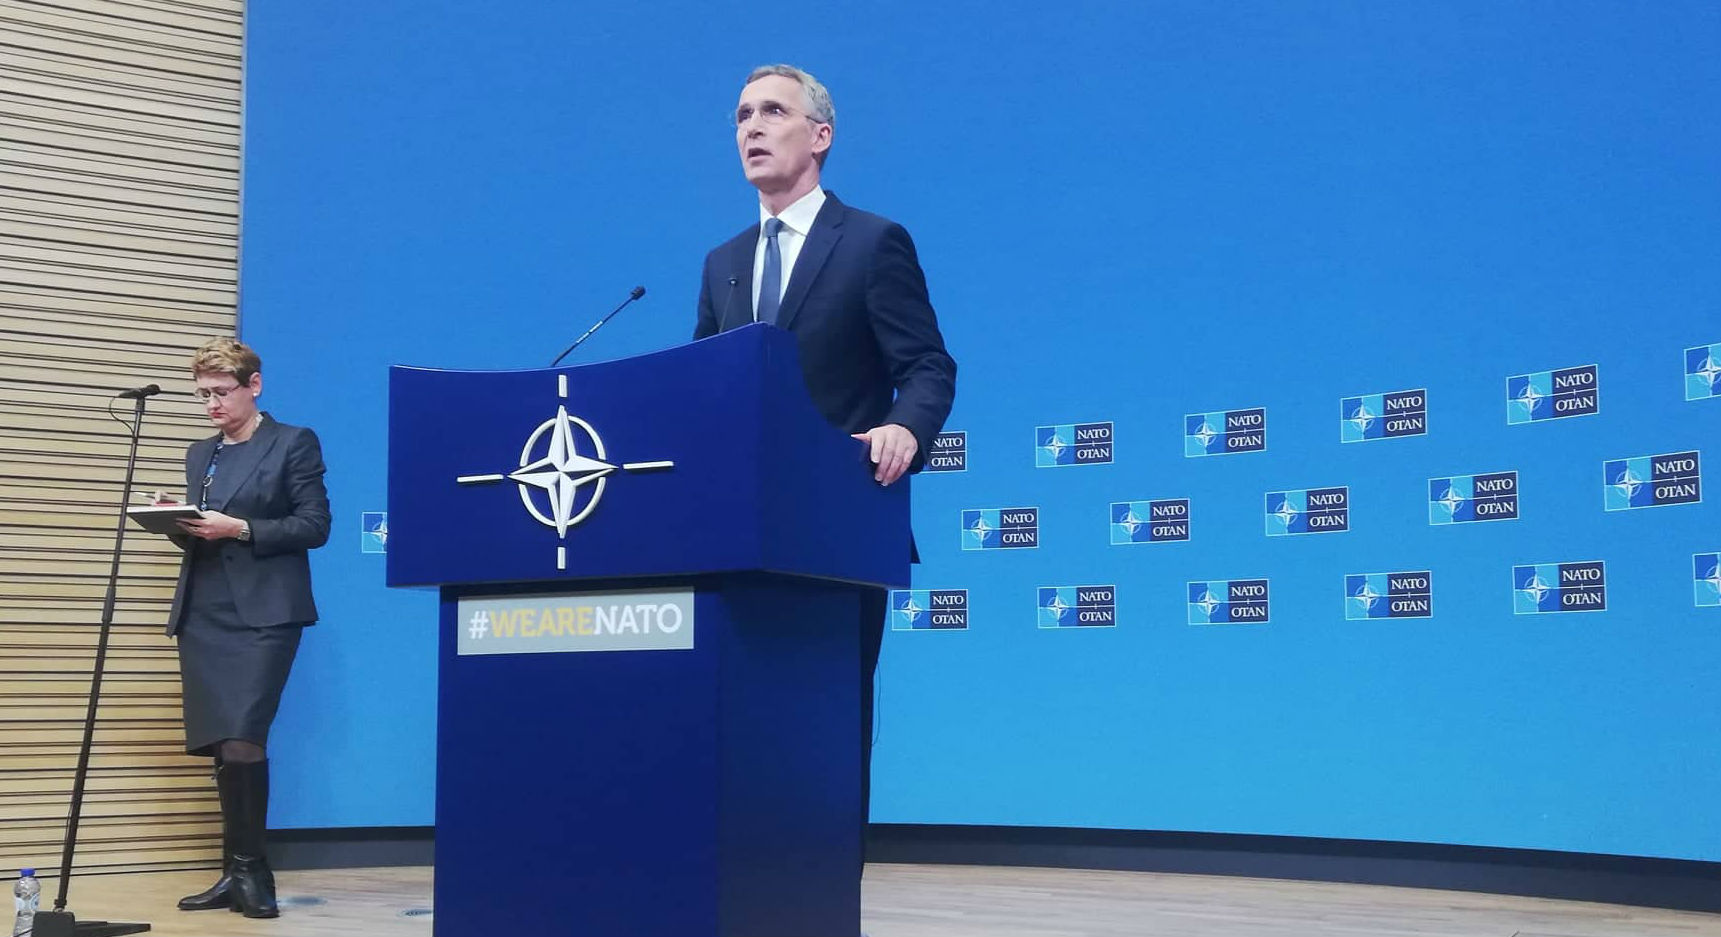 Ο επικεφαλής του ΝΑΤΟ θα επισκεφθεί τα Τίρανα την Κυριακή